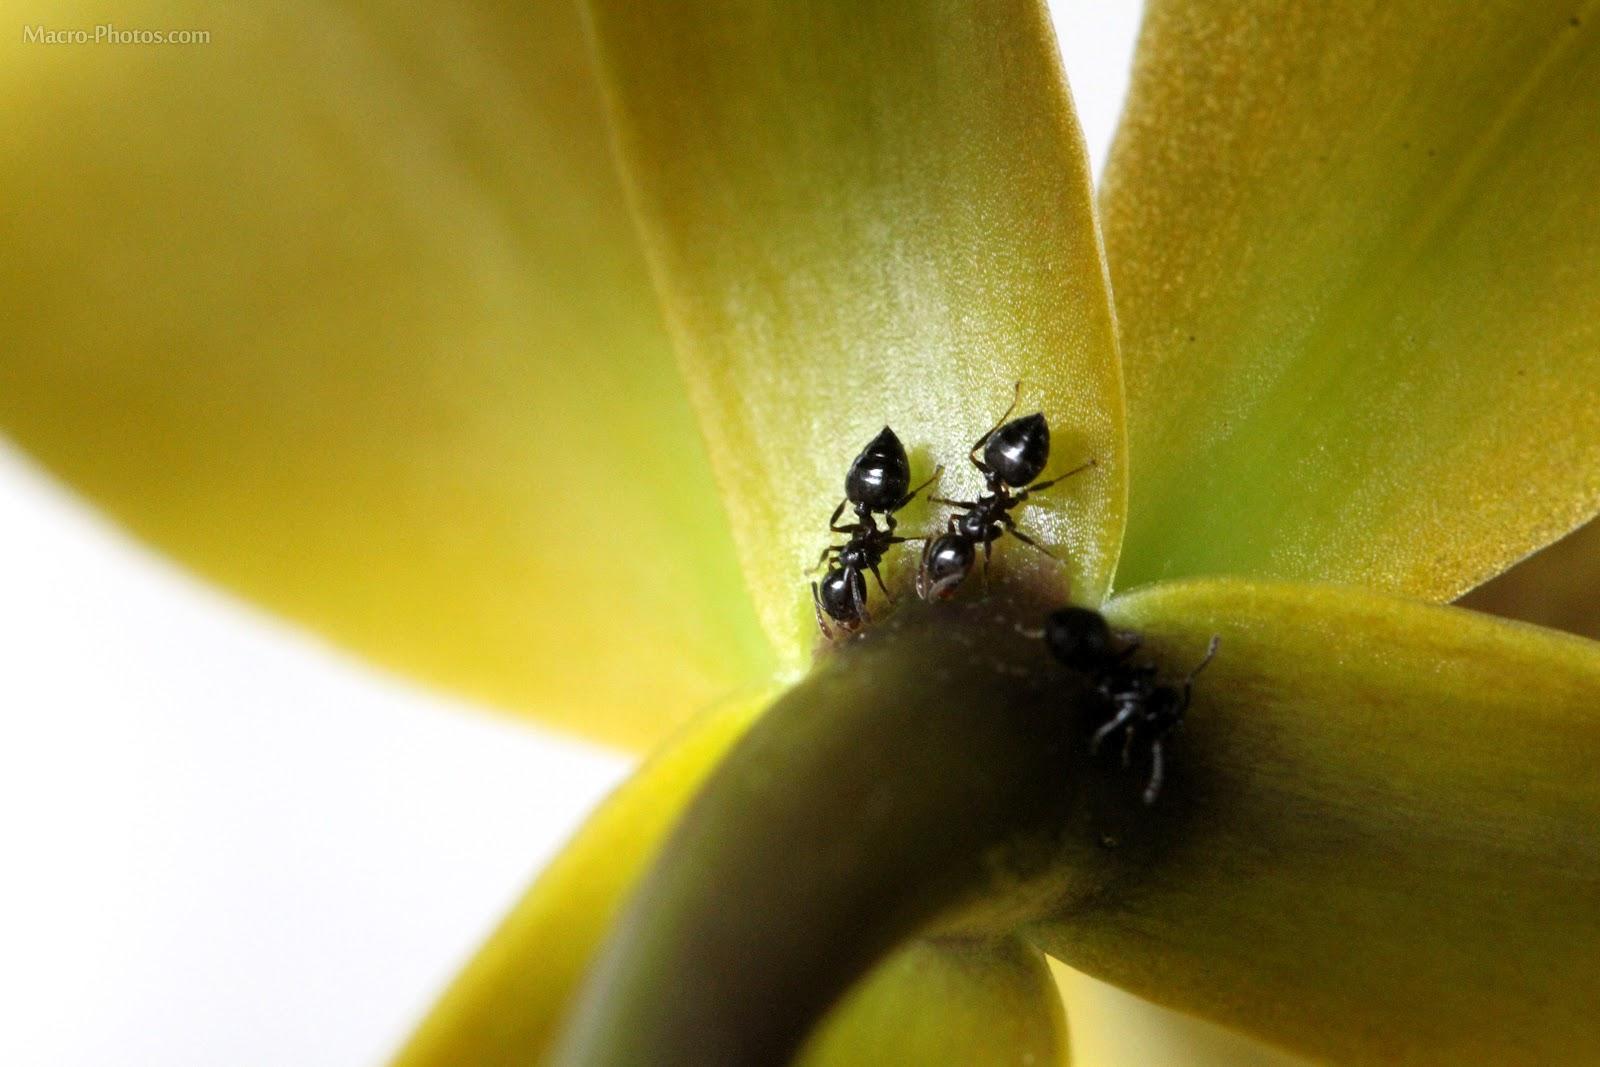 http://1.bp.blogspot.com/-EQaH9Bh3p5U/T-2yahsMkTI/AAAAAAAADaU/U8650L83agI/s1600/Ants+wallpapers+11.jpg